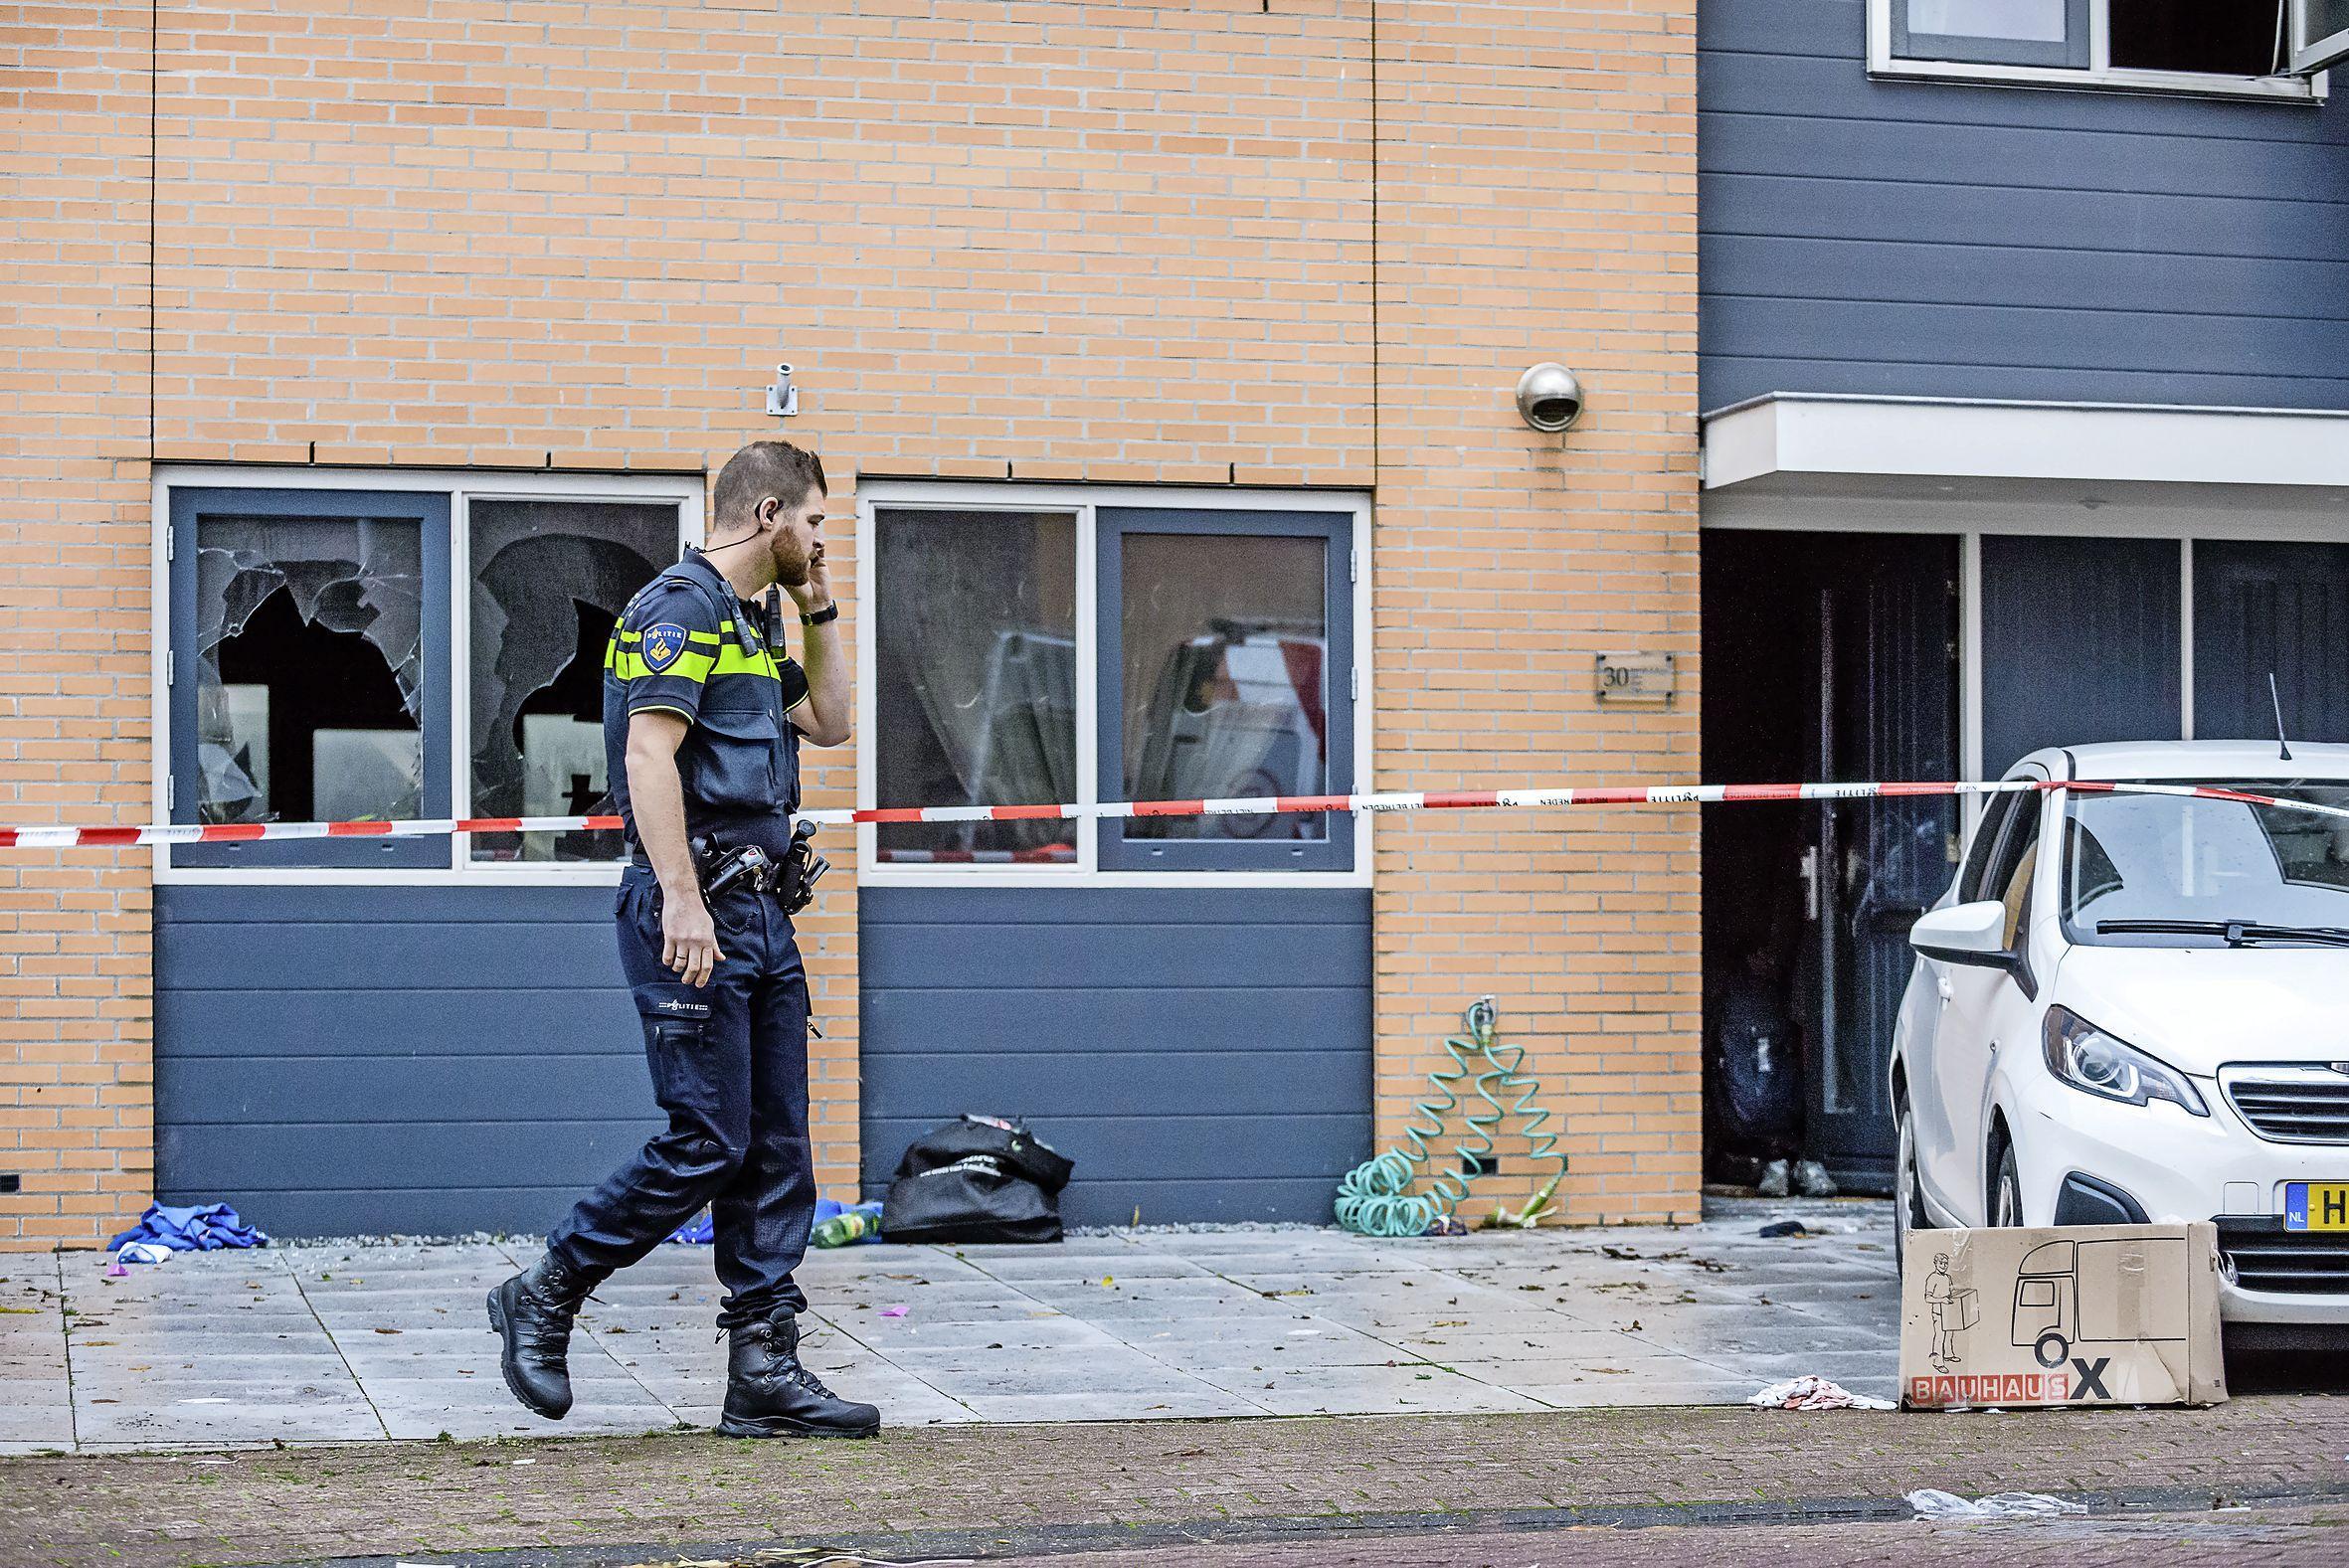 Zoon komt om bij brand in woning, rest van gezin zwaargewond: Assendelver geeft opzet toe, onderzoek moet aantonen of hij toerekeningsvatbaar is